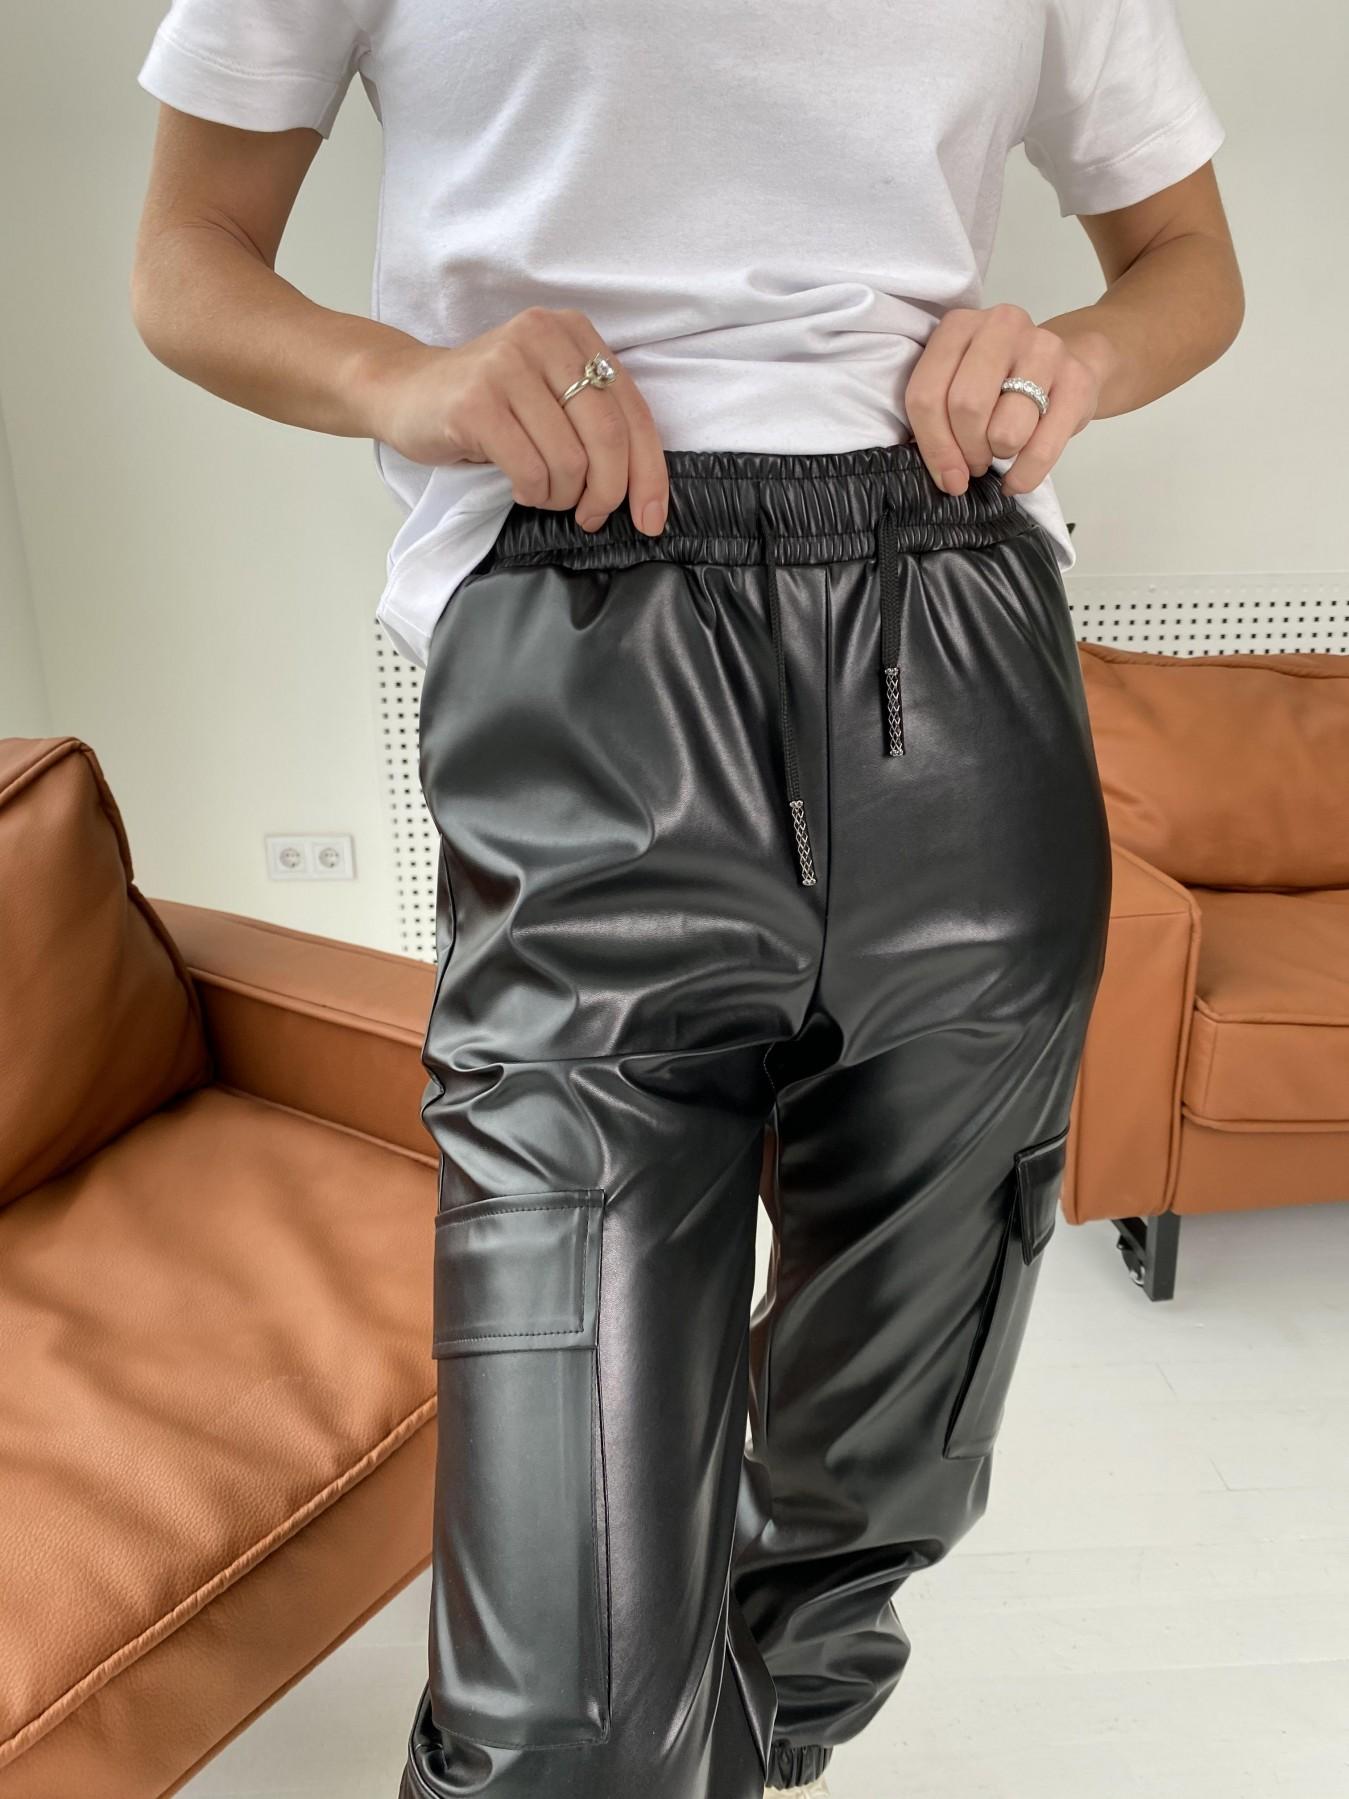 Кьюи брюки из экокожи 10673 АРТ. 47074 Цвет: Черный - фото 2, интернет магазин tm-modus.ru